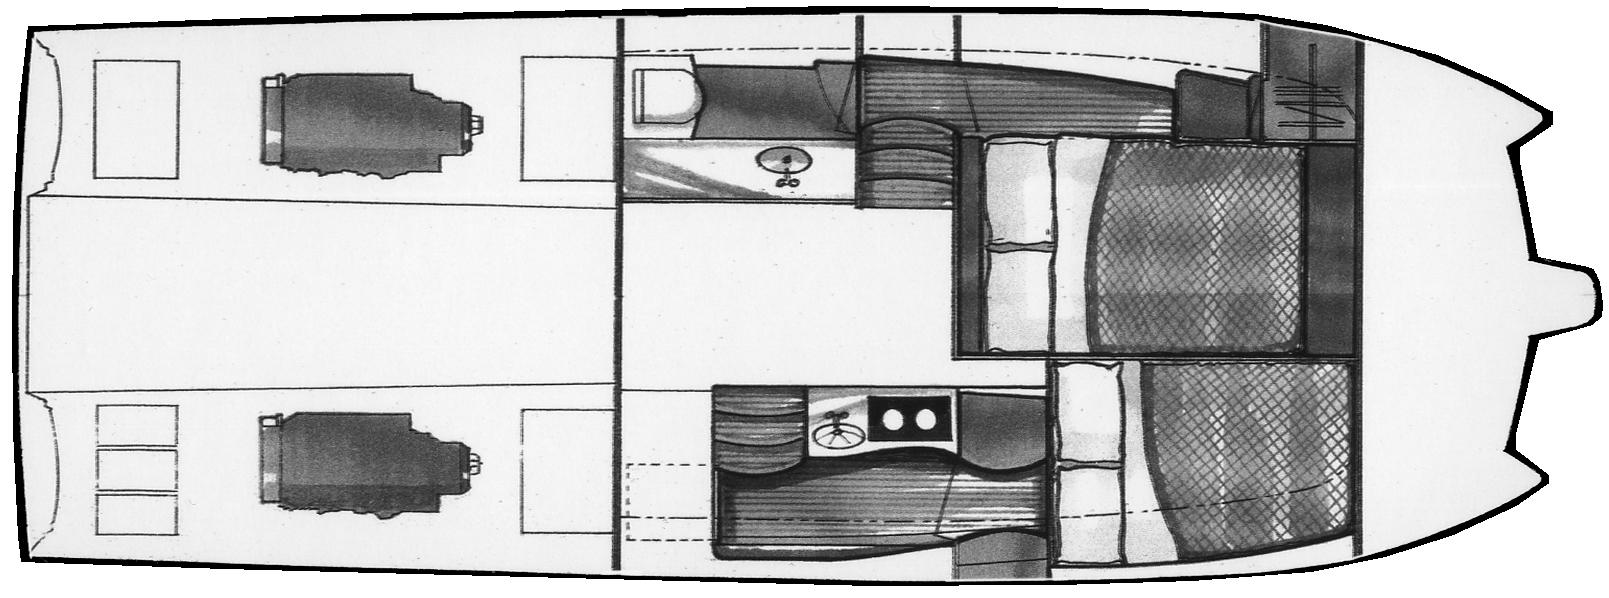 3470 Ocean Runner Floor Plan 1